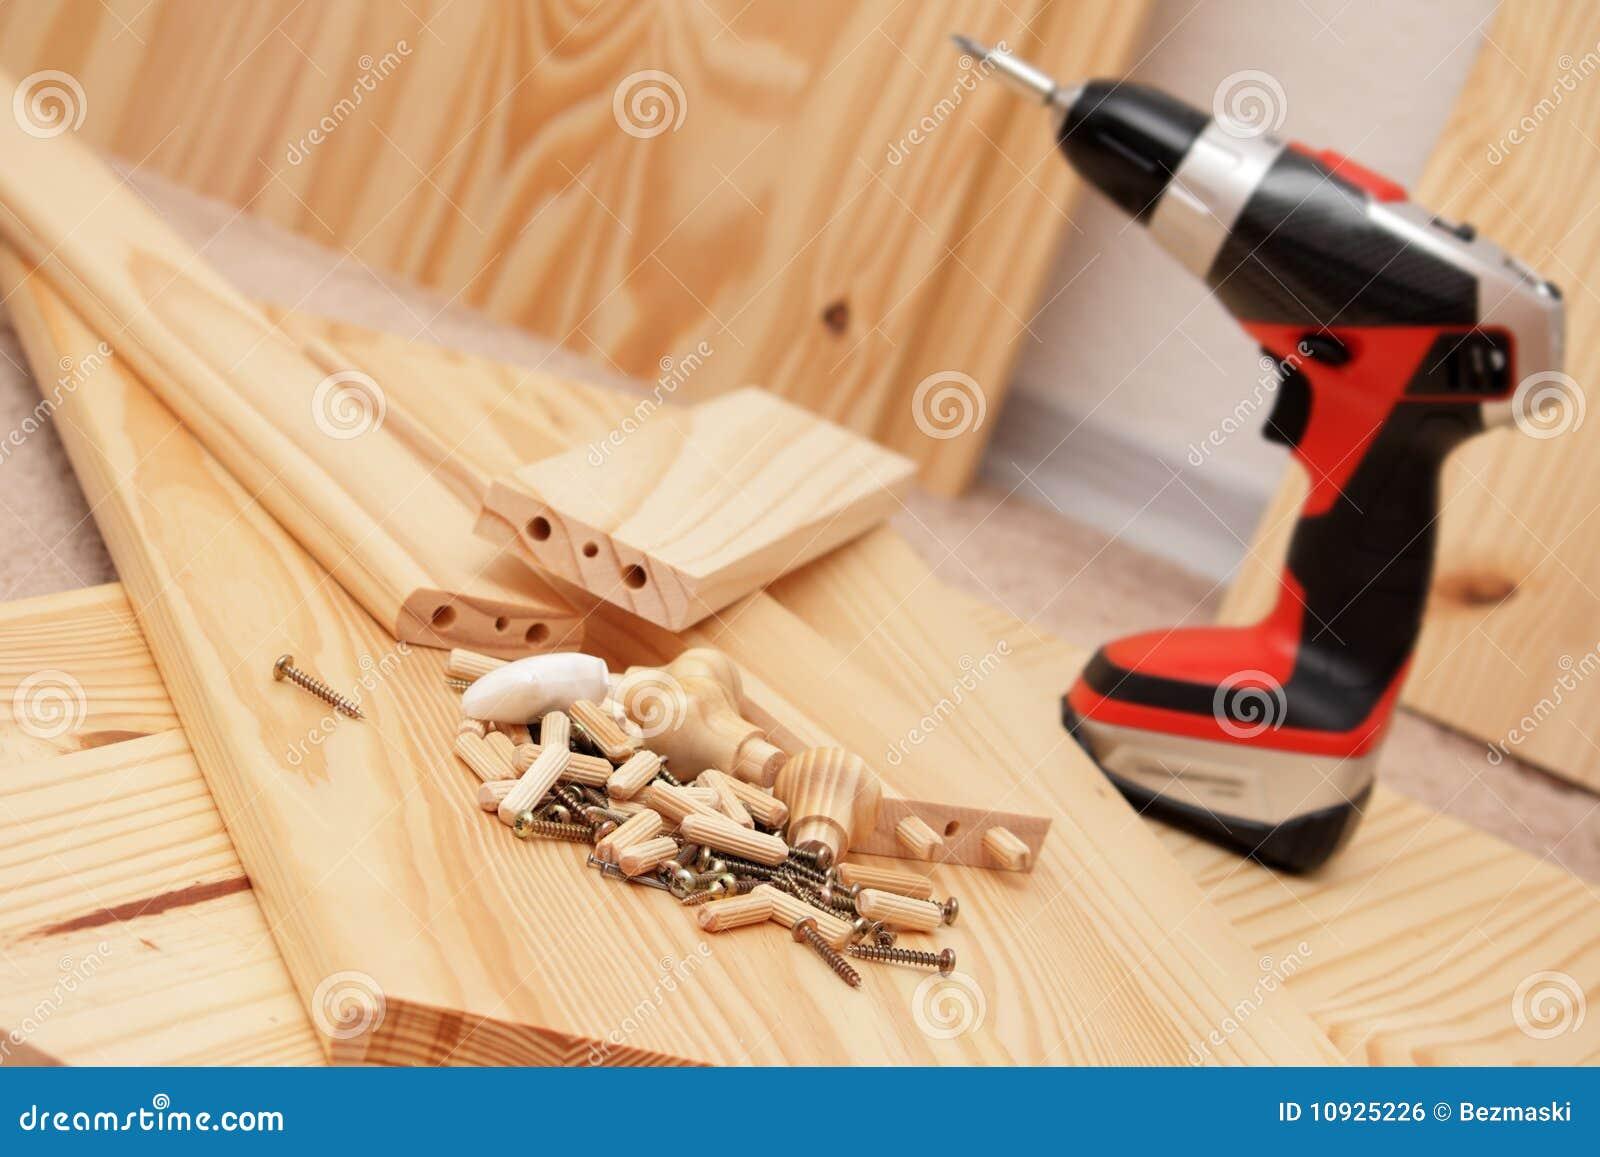 отвертка установки мебели